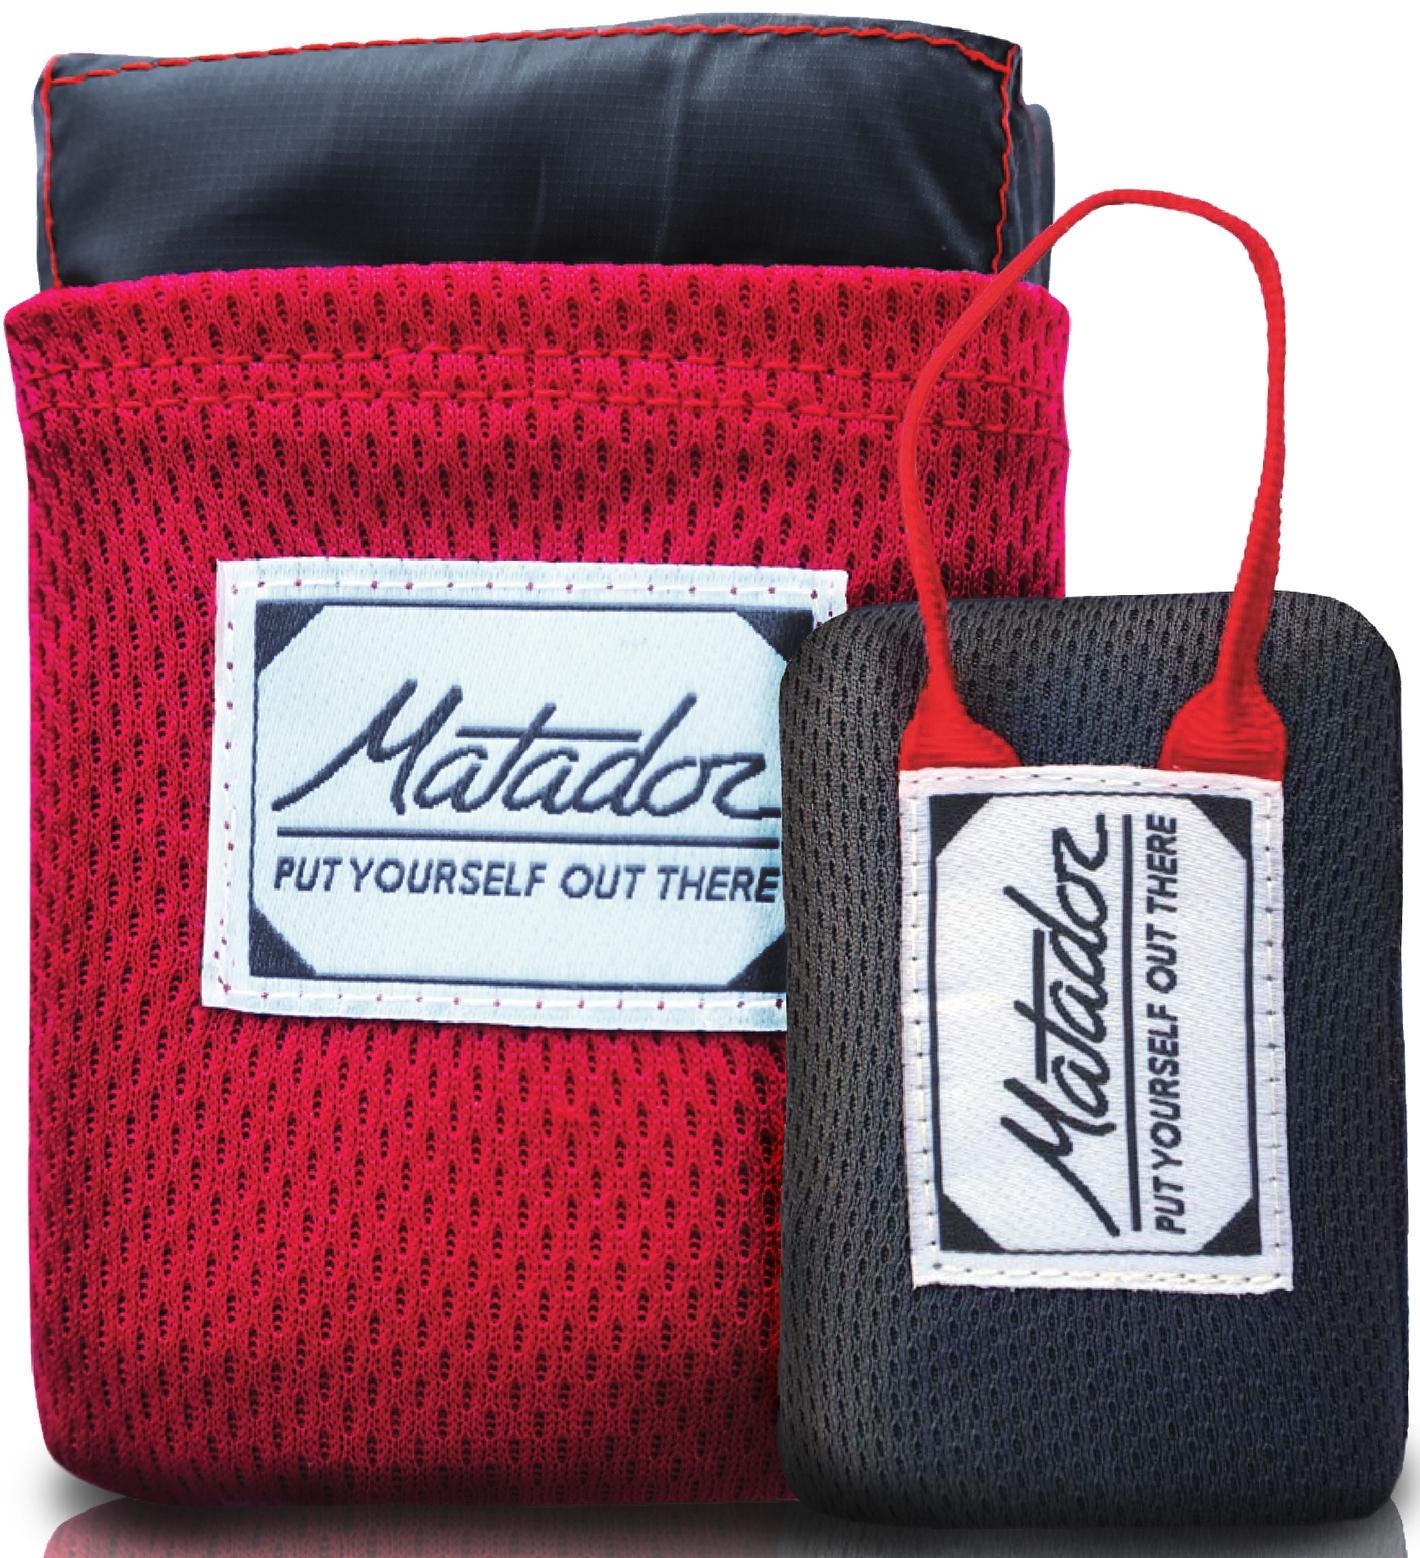 Matador and Droplet Blanket, $20-$25